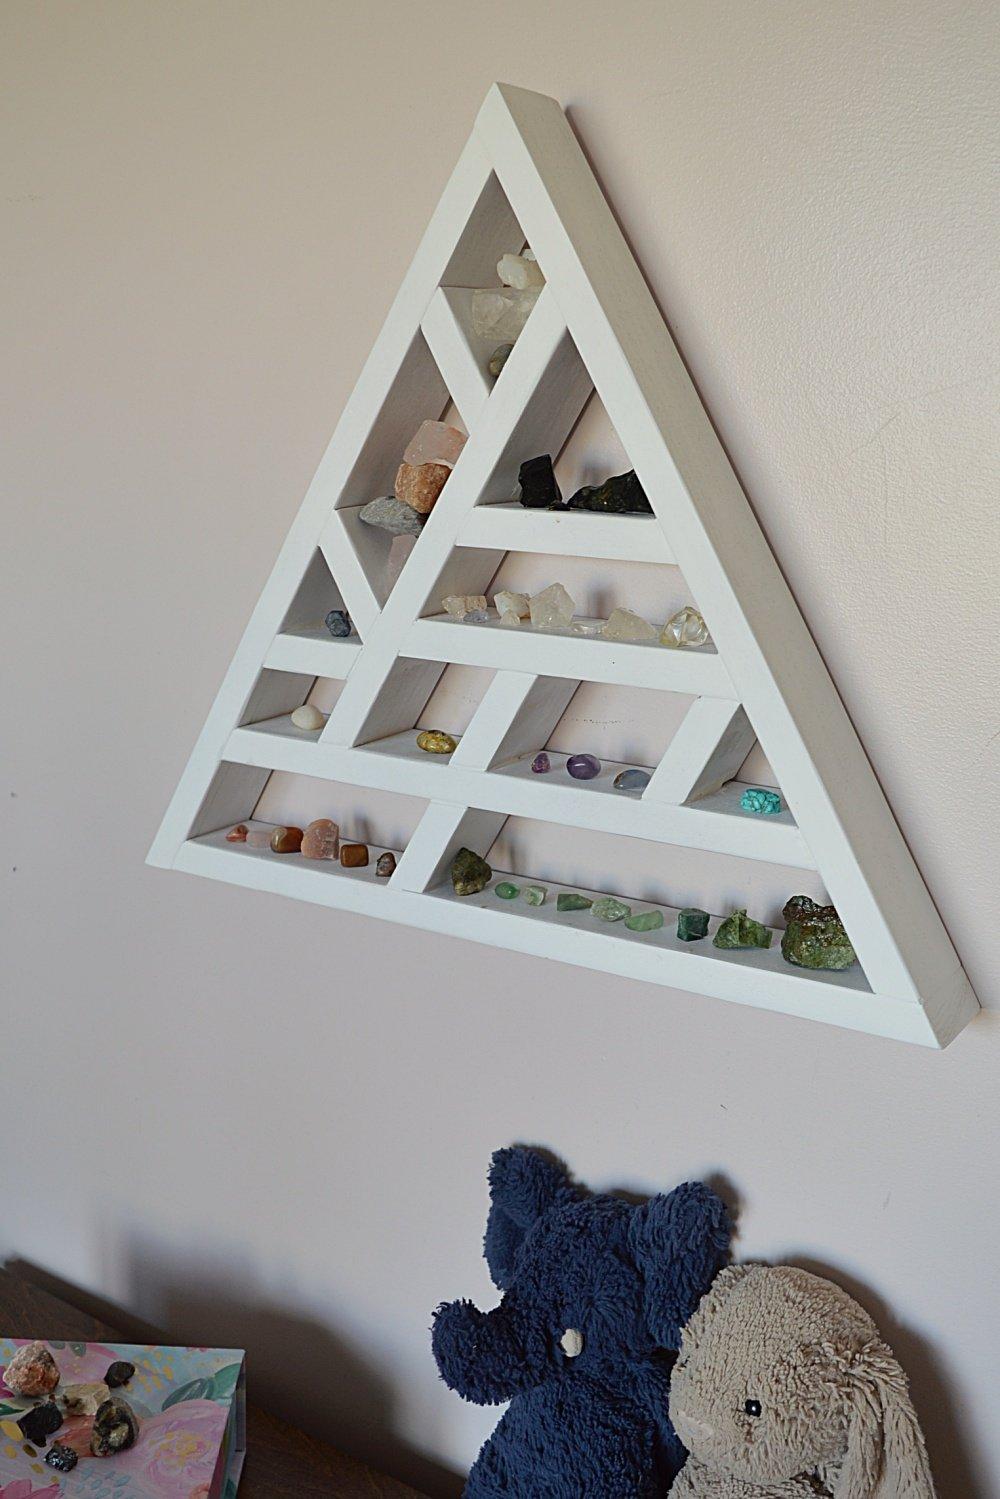 DIY wood triangle shelf